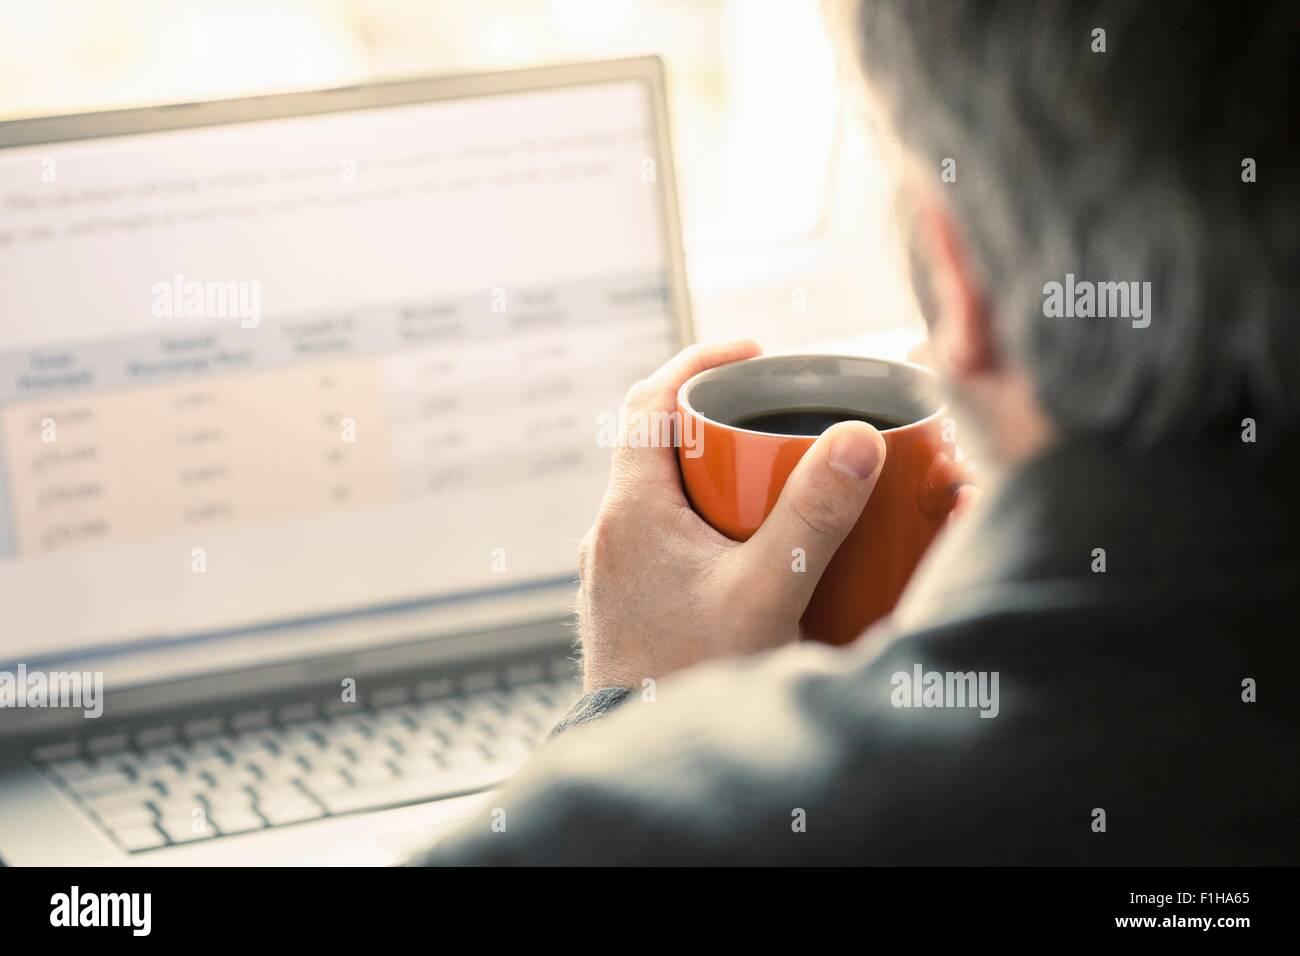 Über Schulter Blick des Menschen Surfen Laptop am Schreibtisch Stockbild